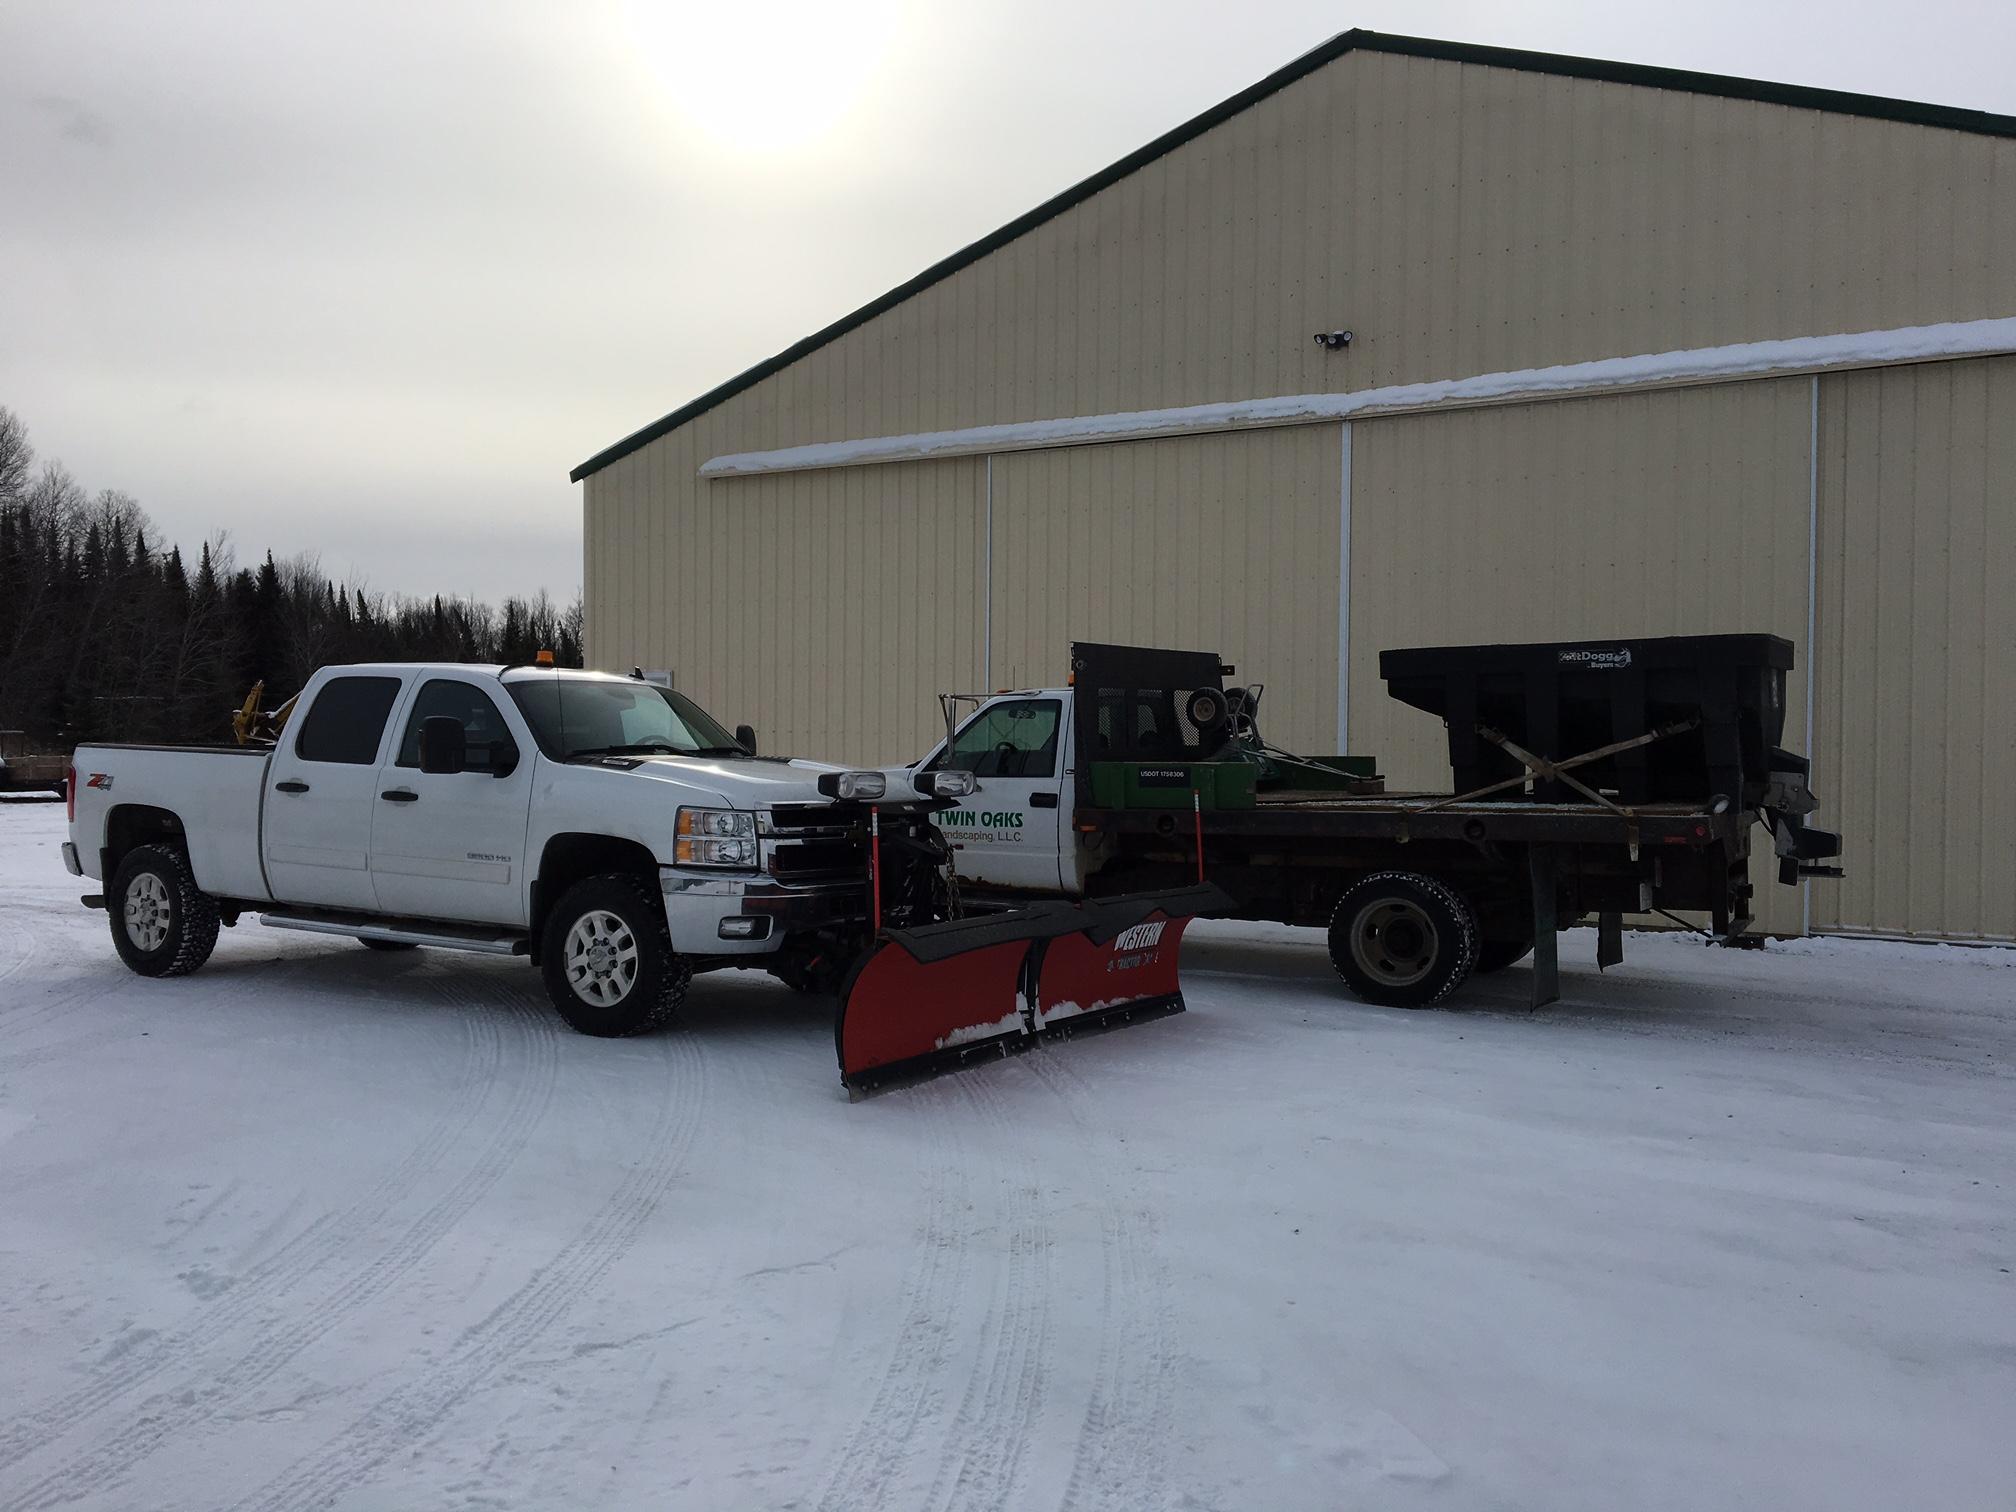 Twin Oaks snow plow trucks